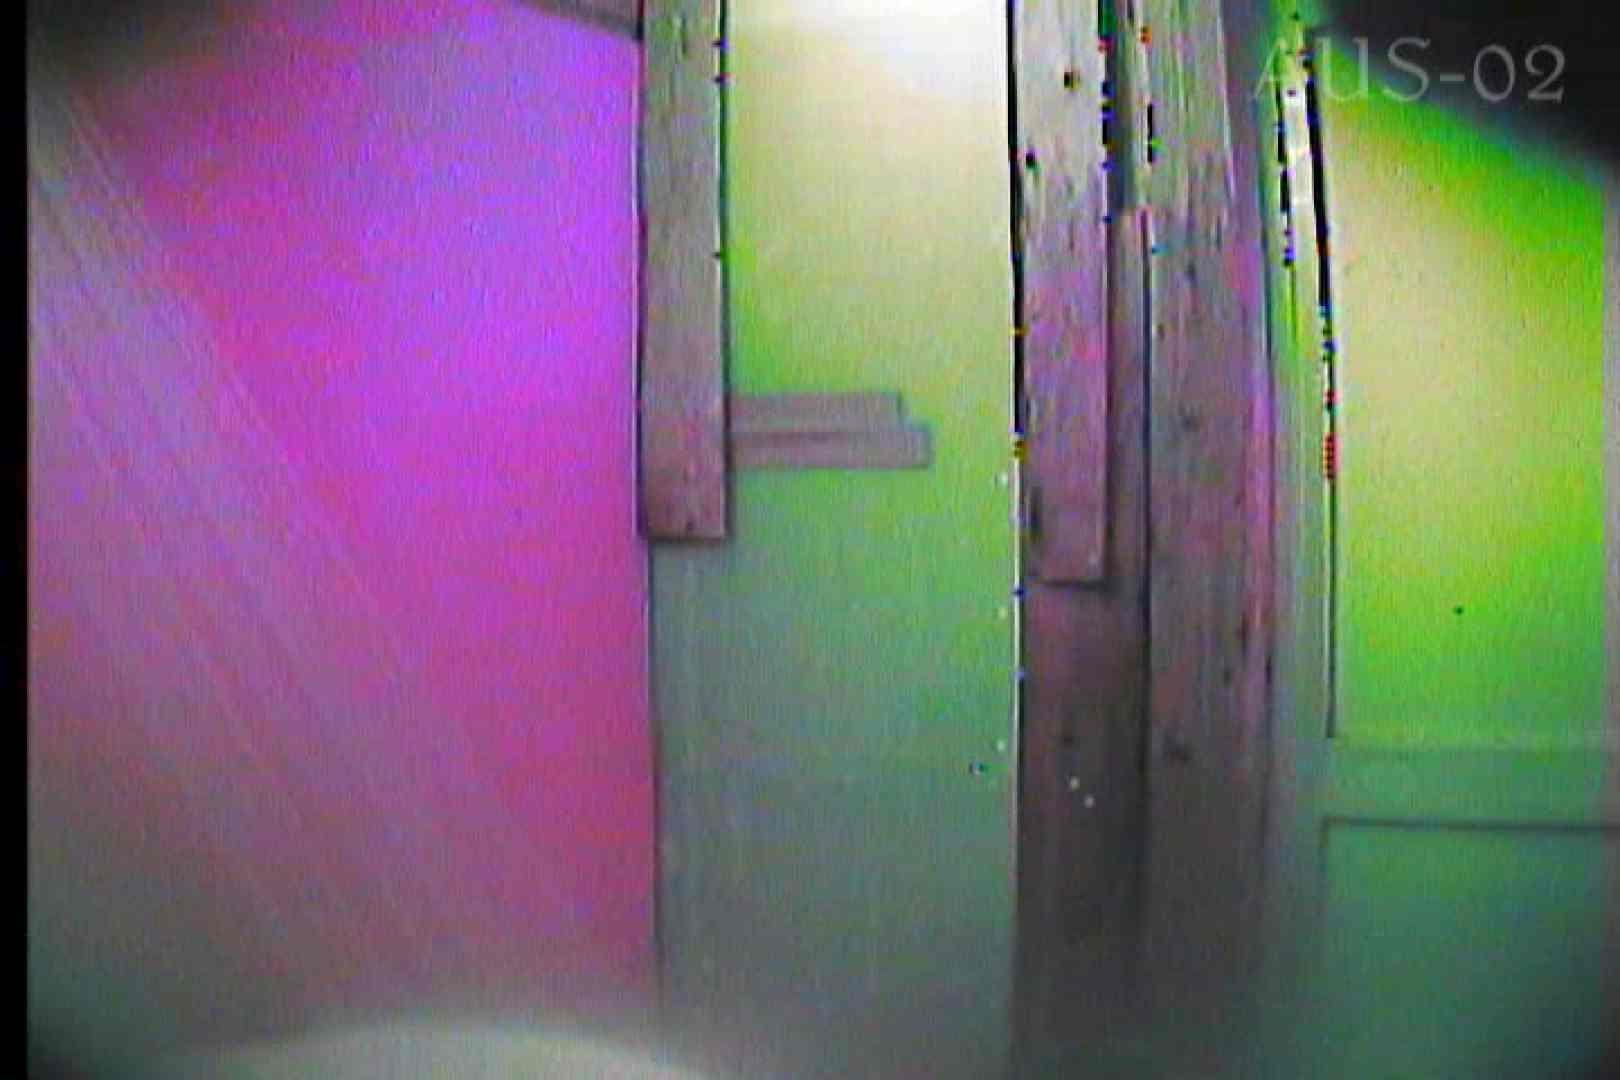 海の家の更衣室 Vol.07 色っぽいOL達 セックス無修正動画無料 58pic 2